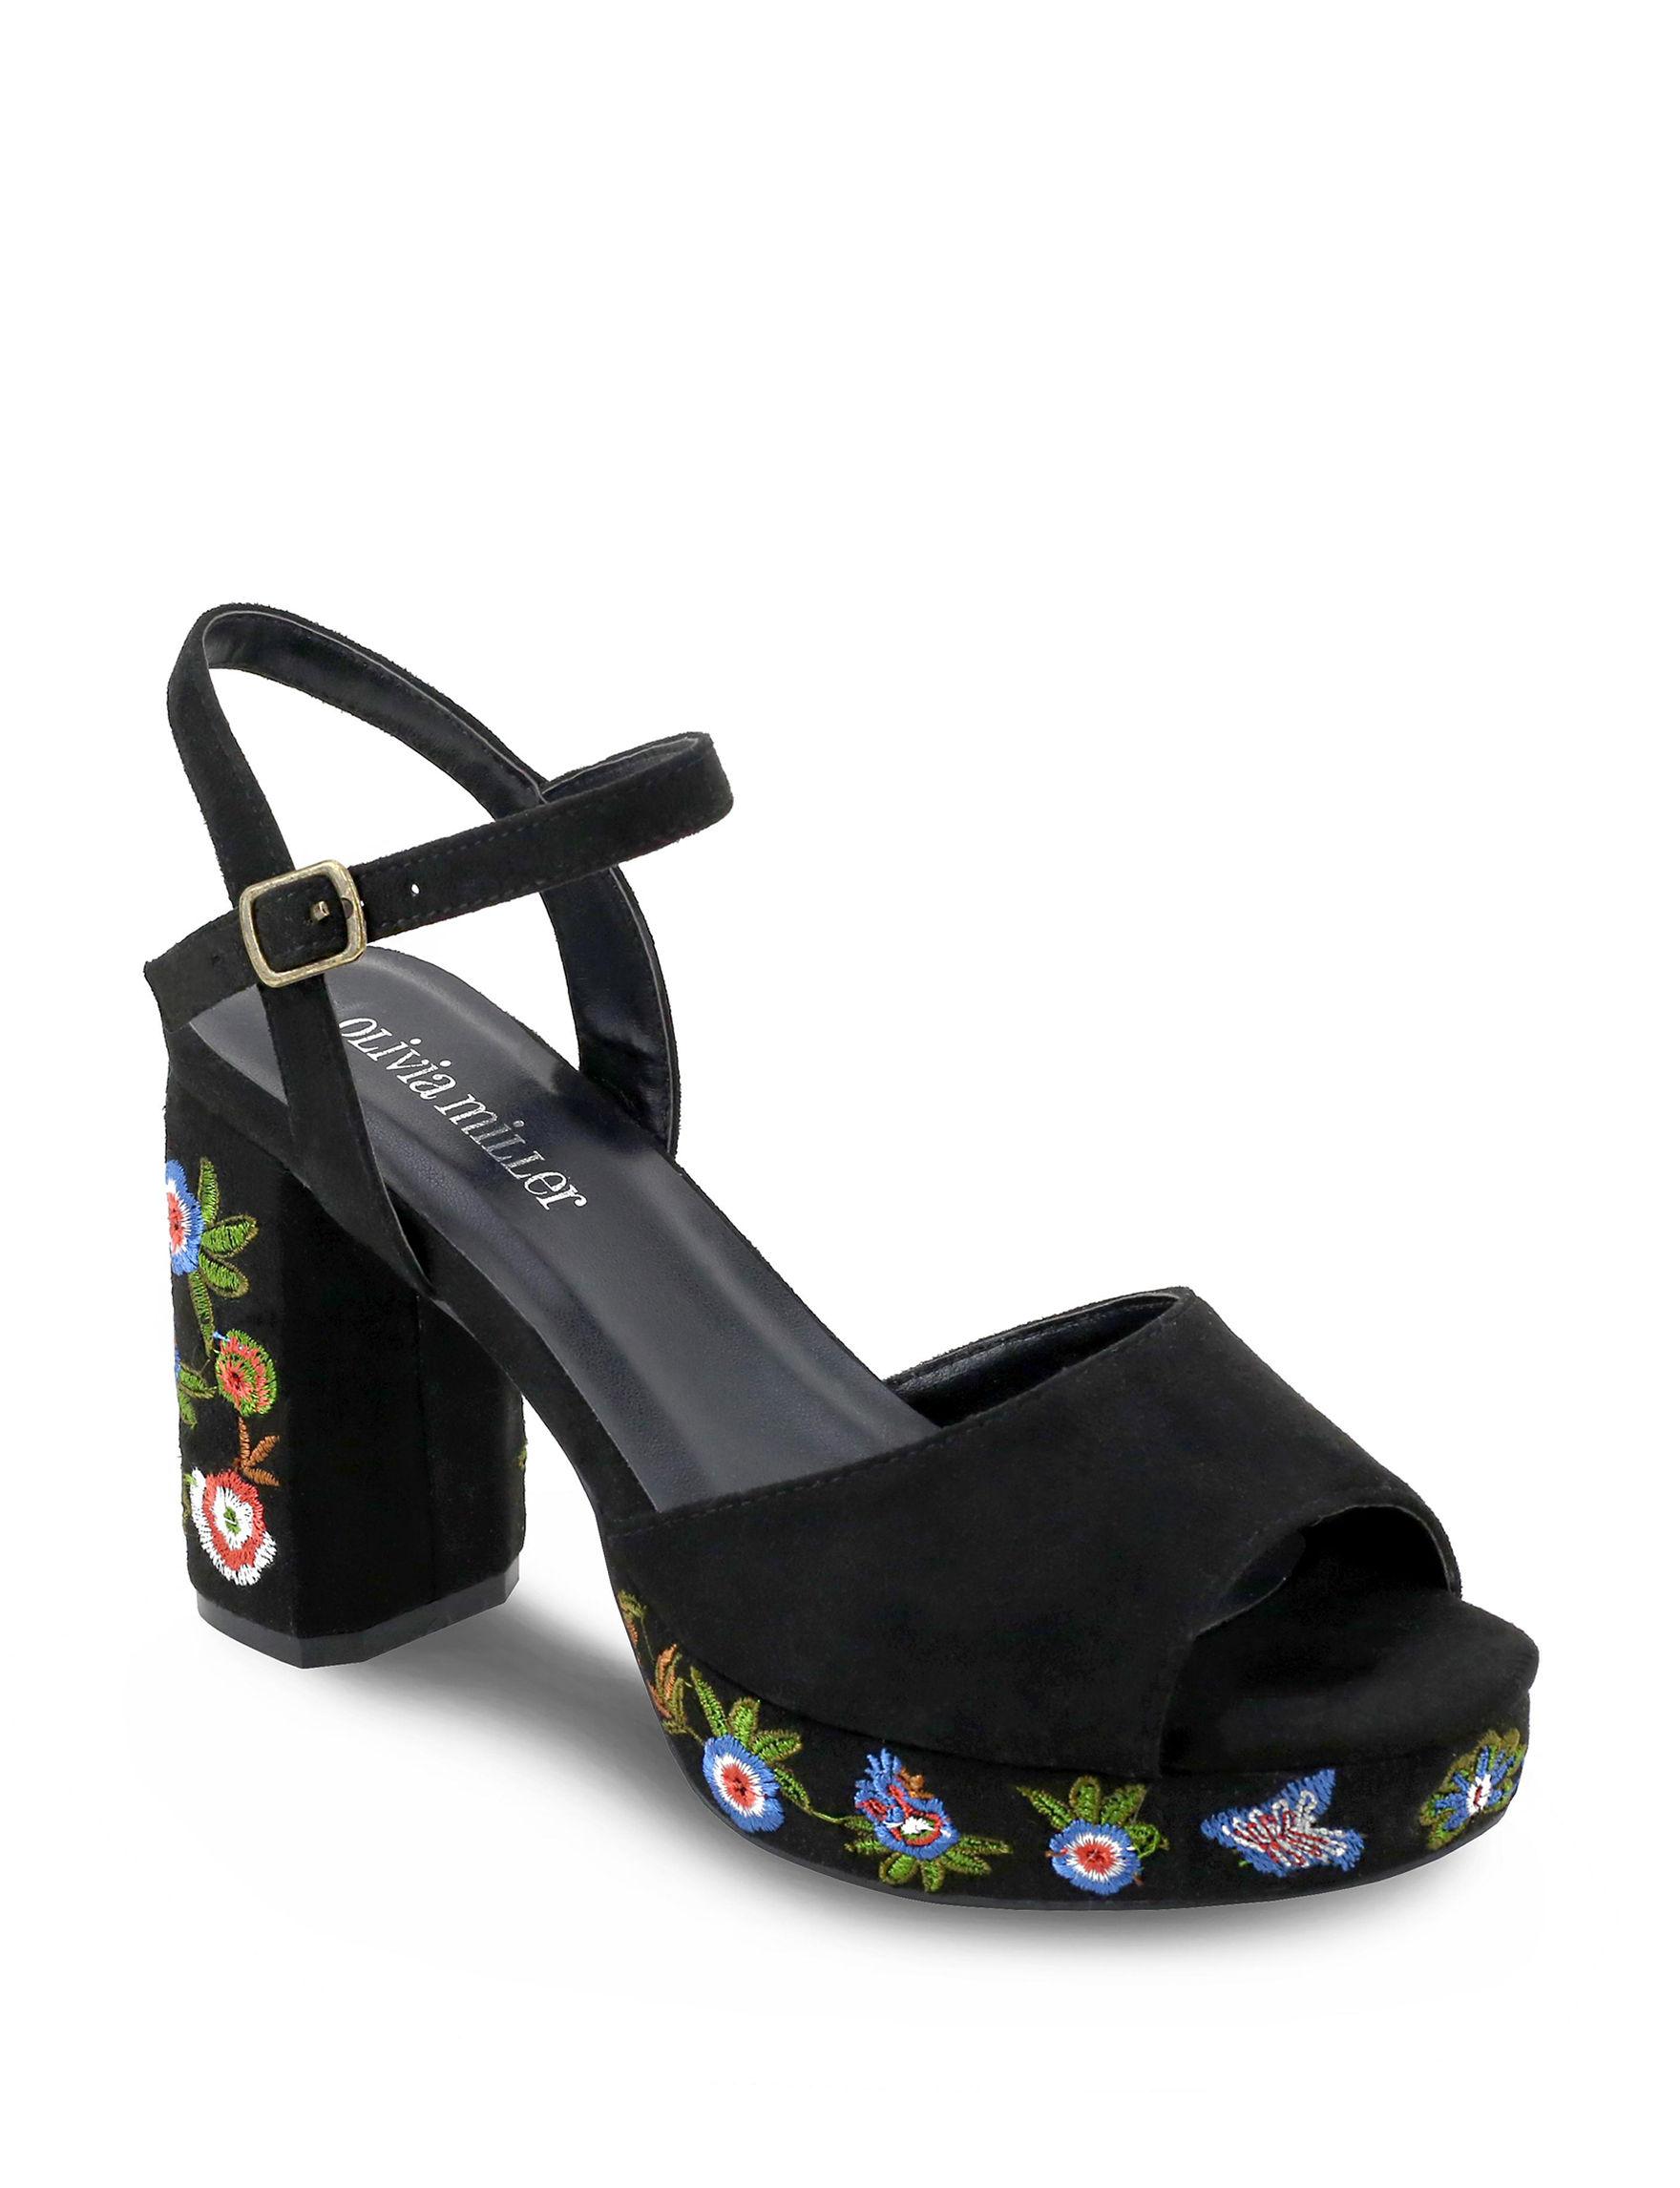 Olivia Miller Black Heeled Sandals Platform